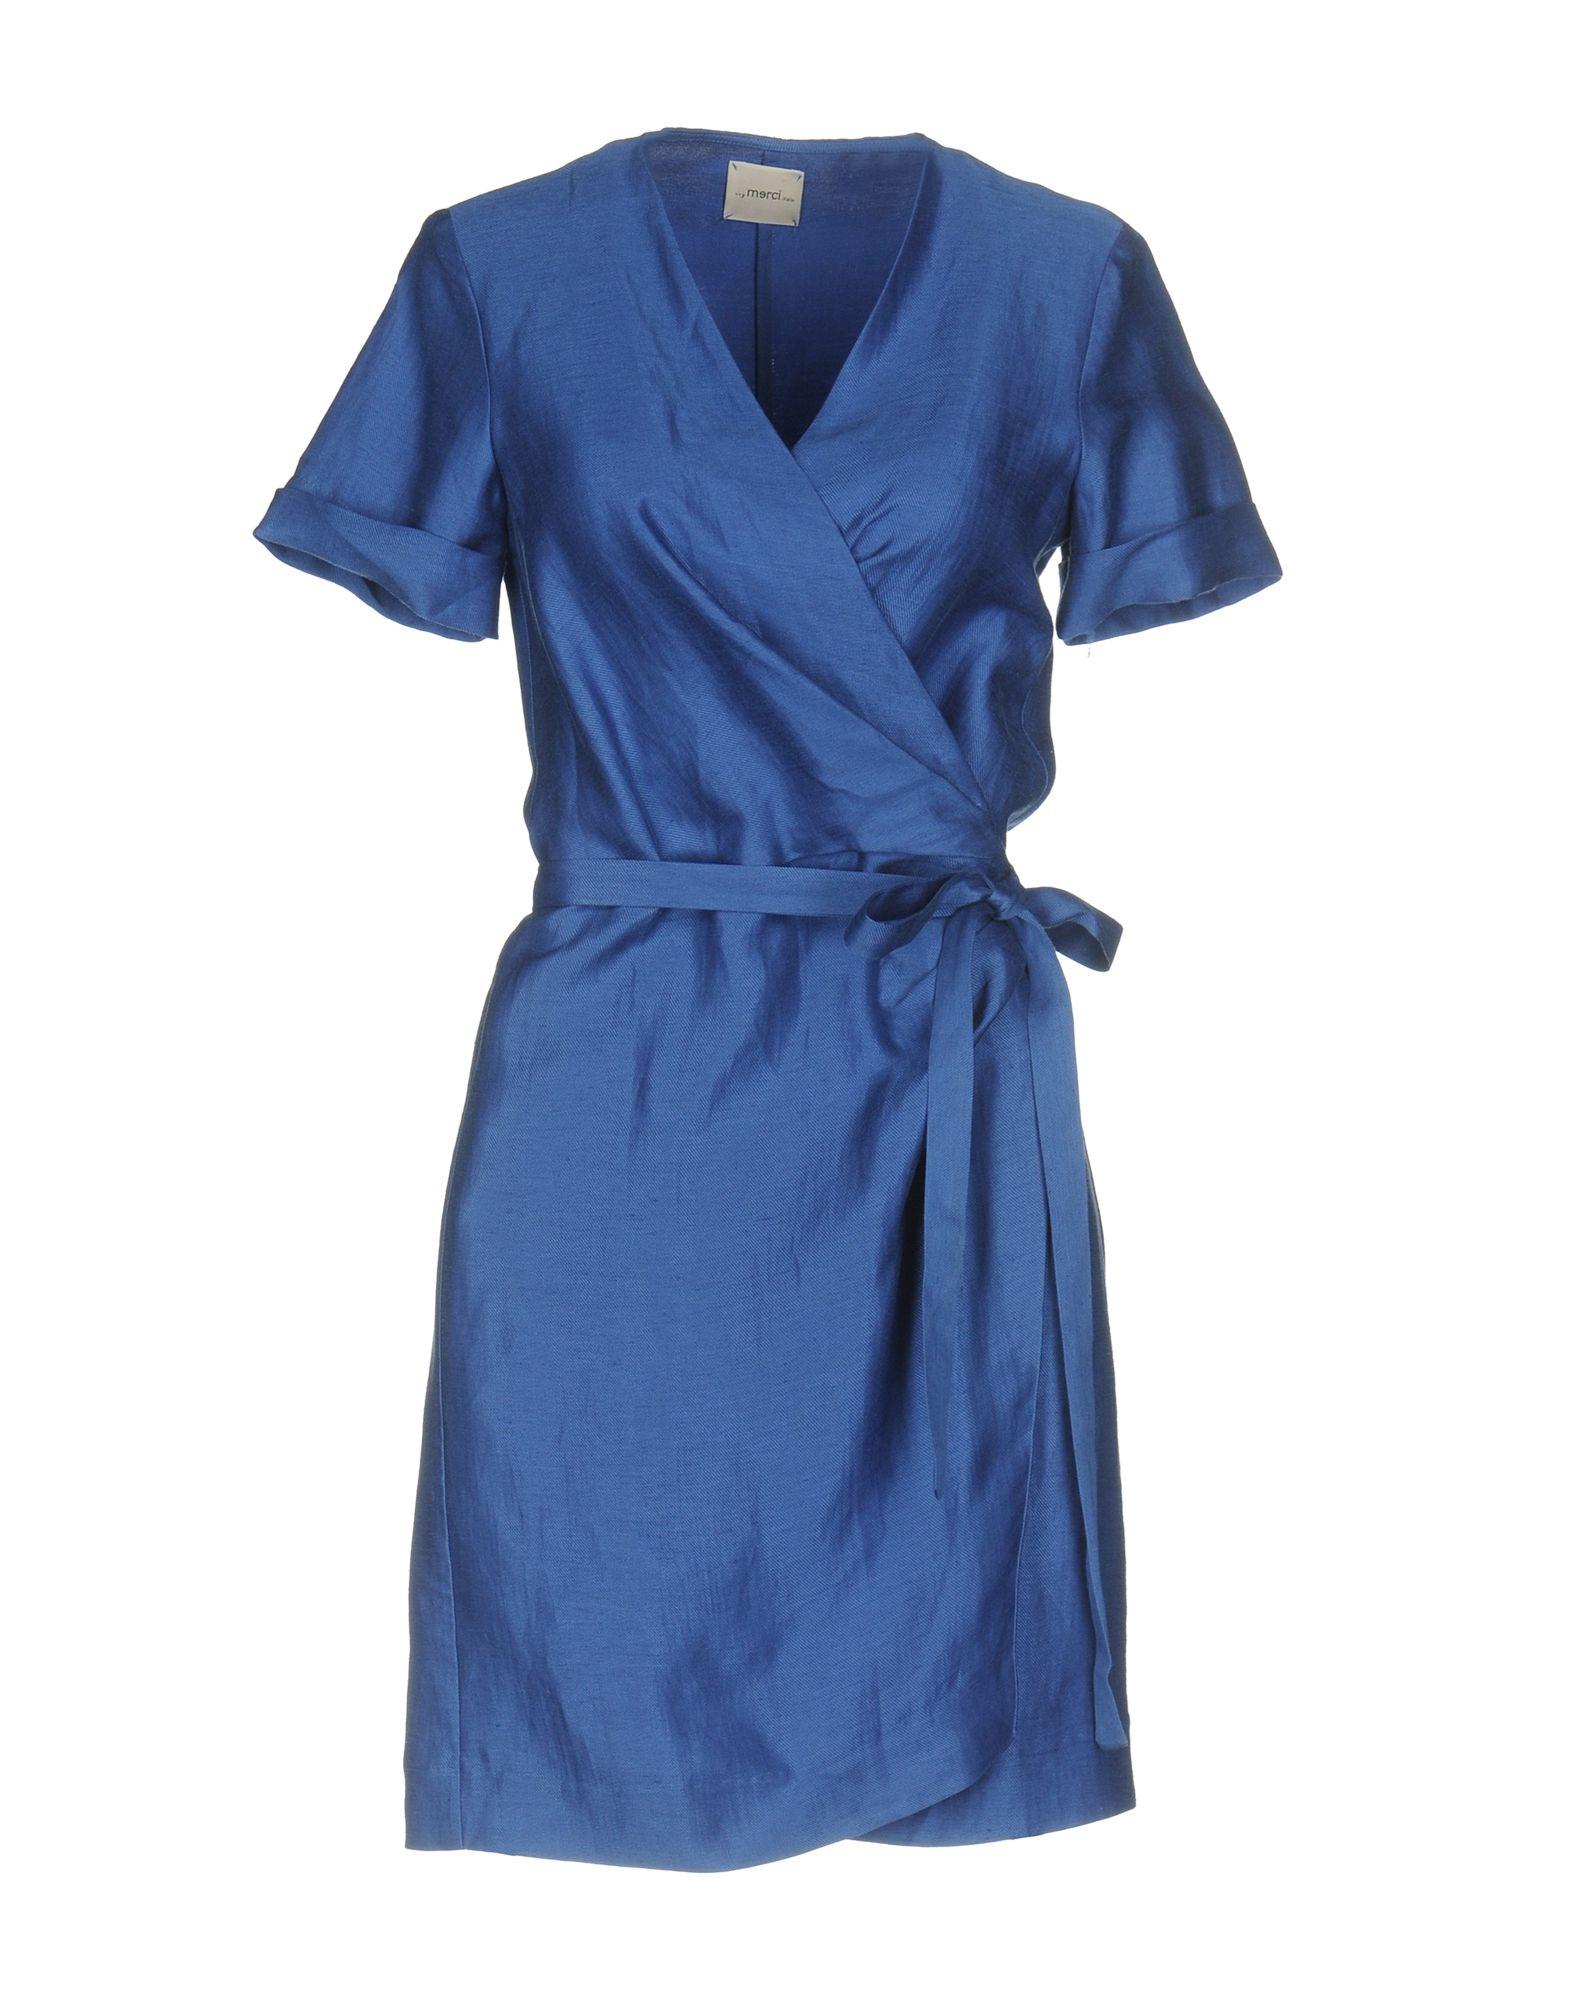 ..,MERCI Damen Kurzes Kleid Farbe Königsblau Größe 3 - broschei